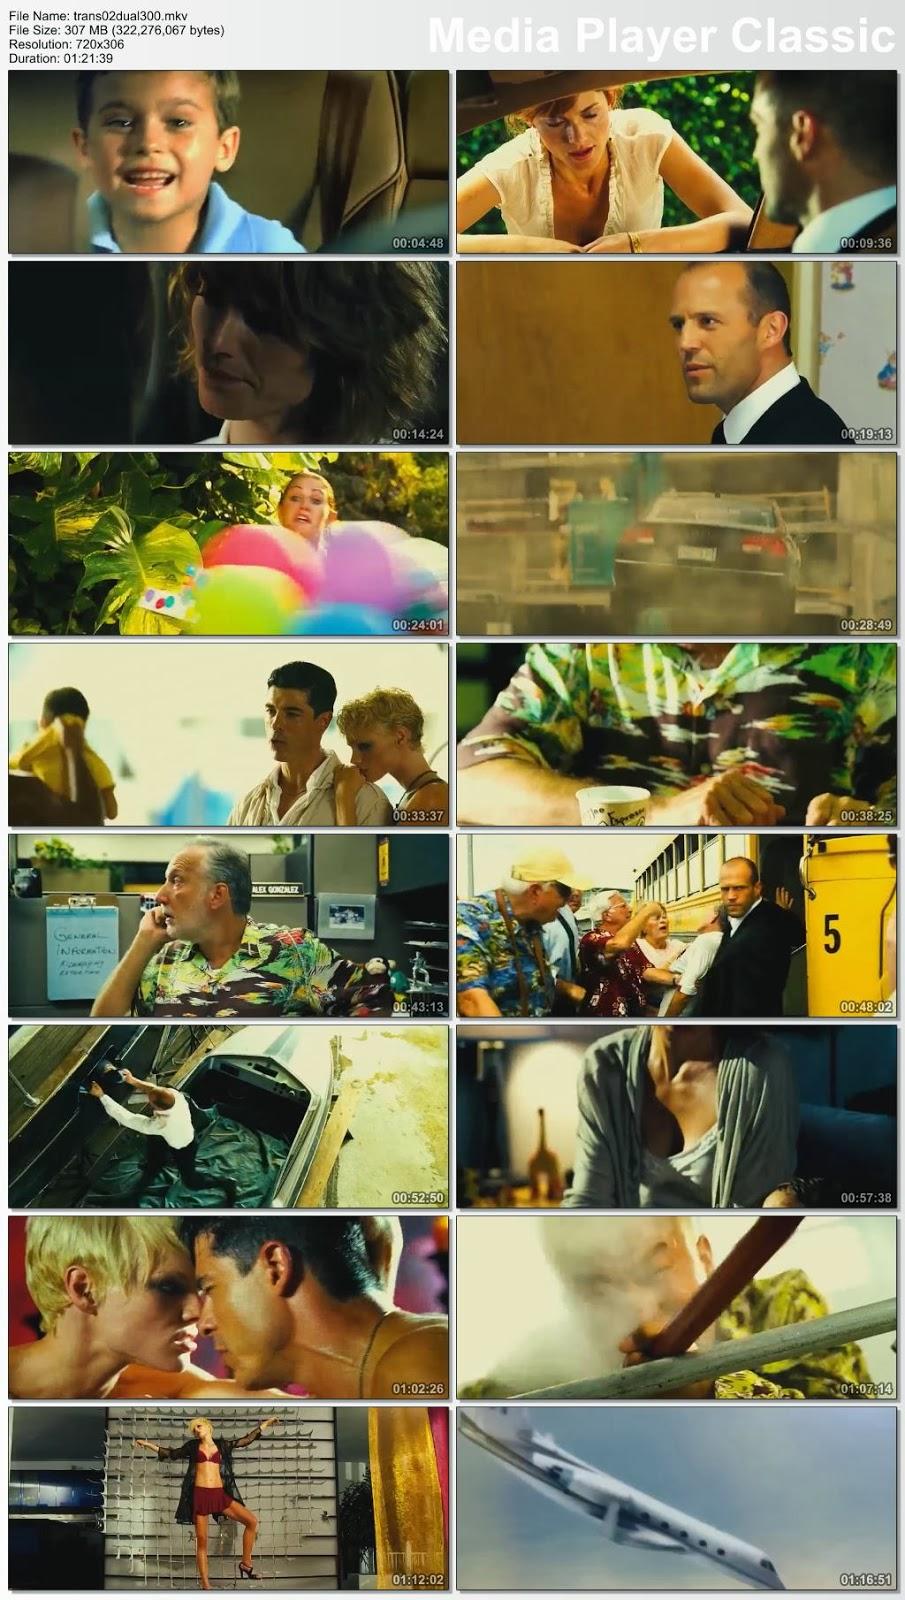 Transporter 2 online movie